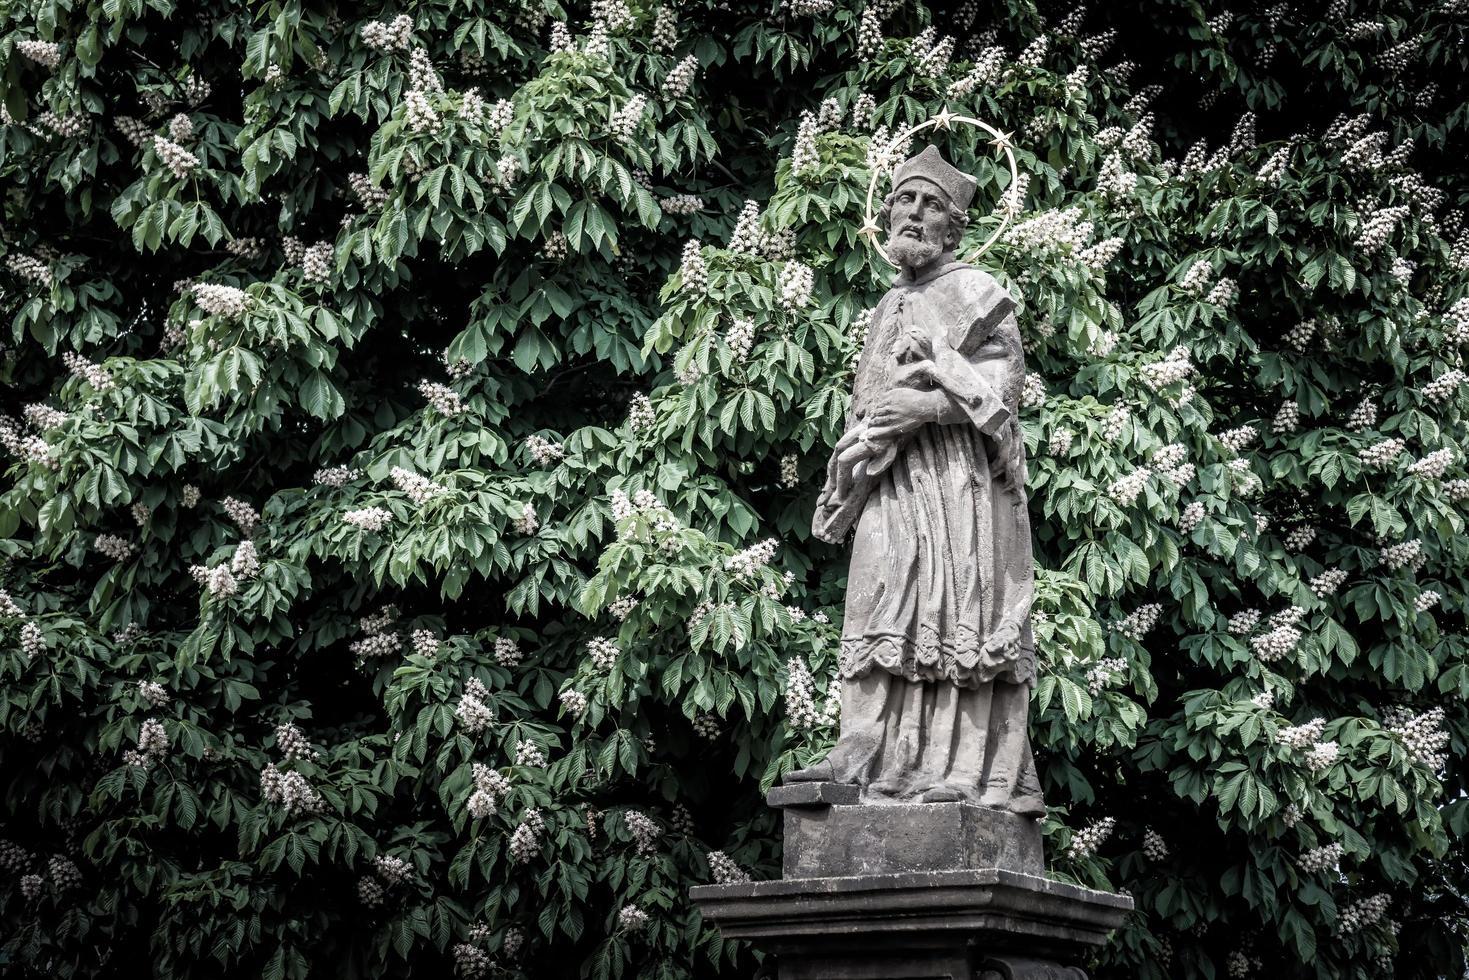 república checa 2017 - estátua de john of nepomuk foto